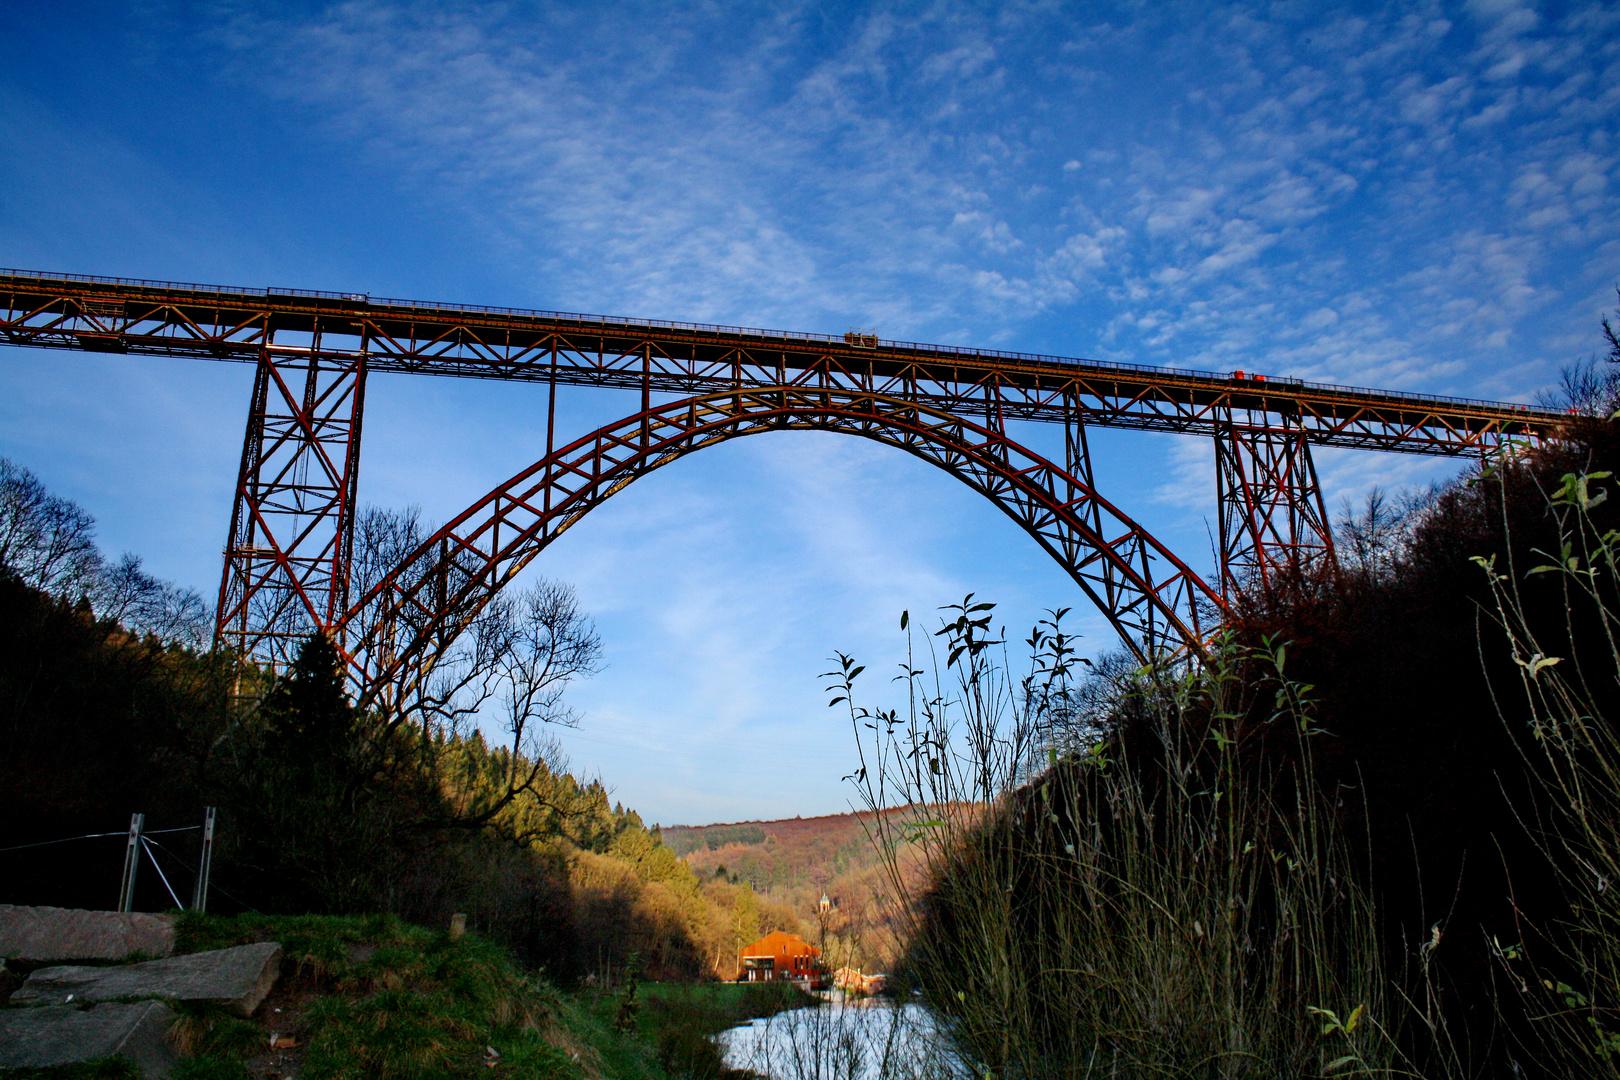 Müngstener Brücke in ganzer Schönheit